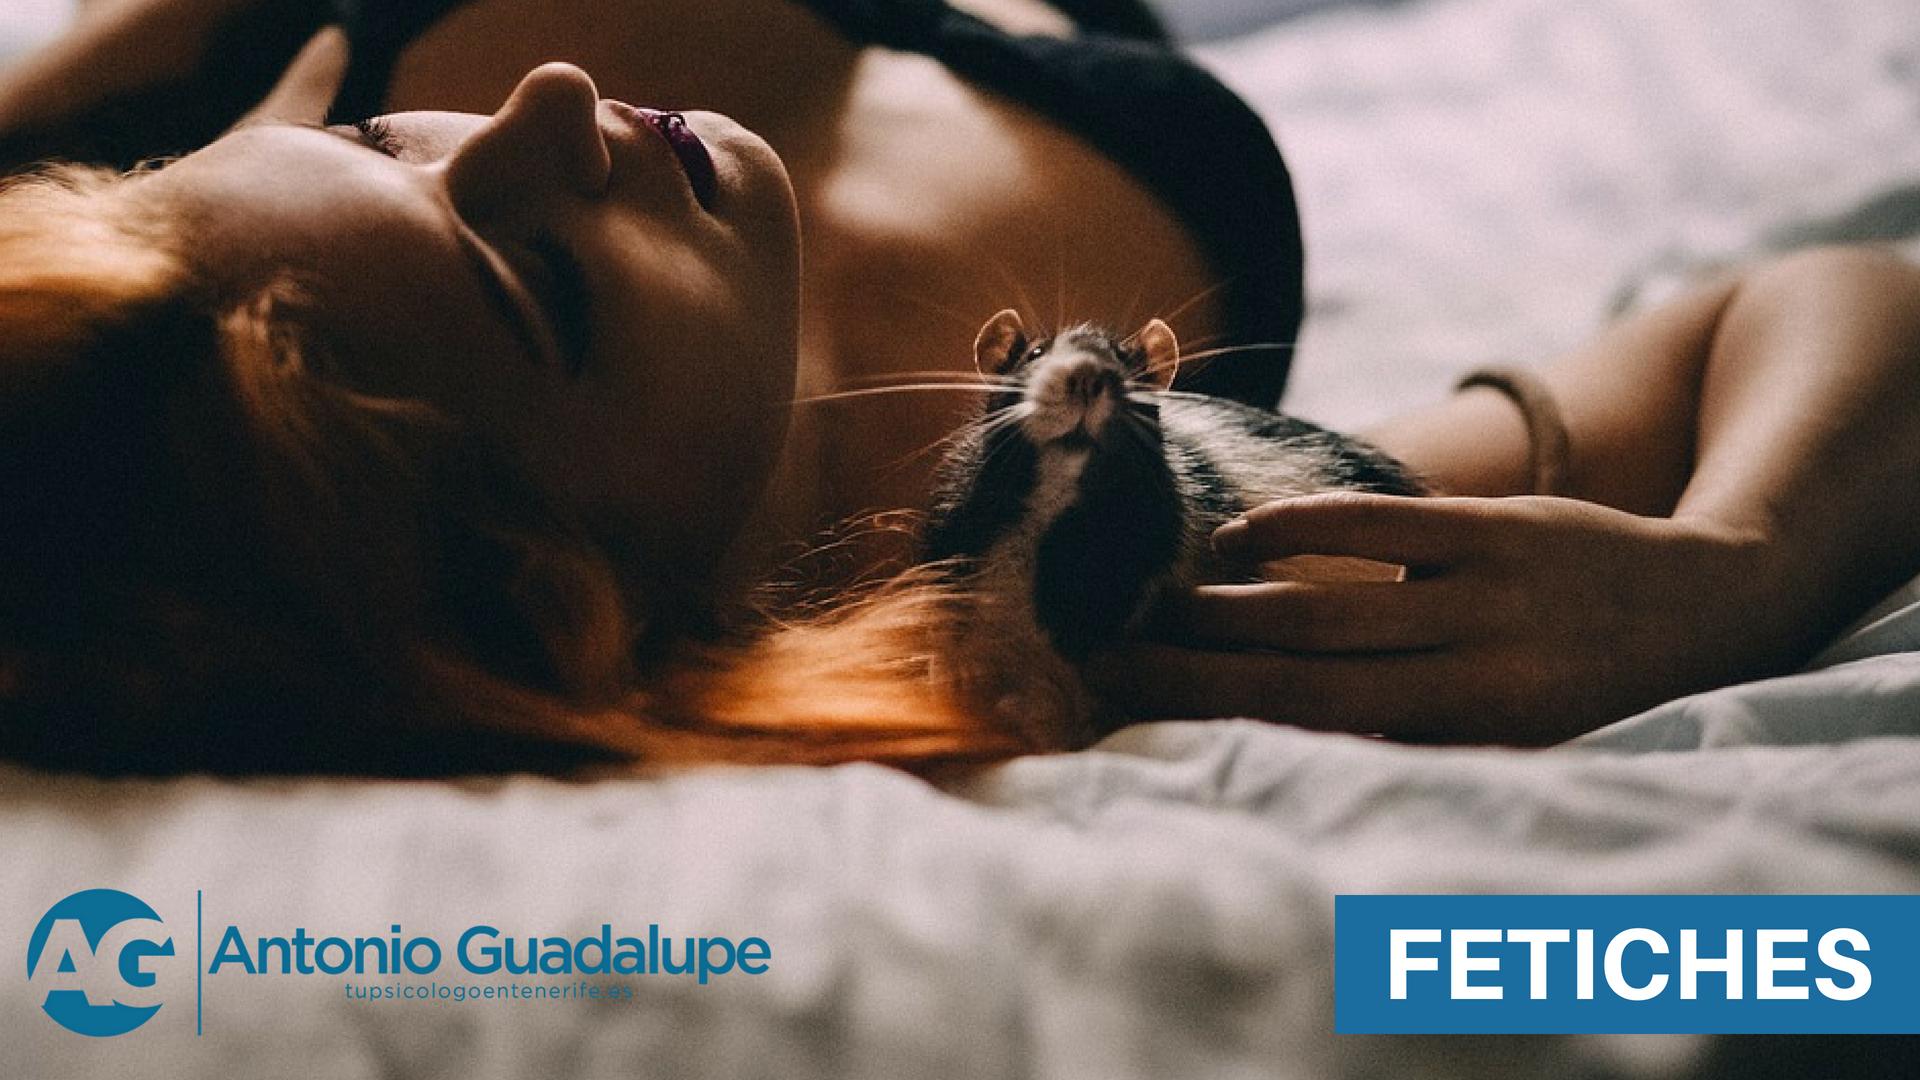 Tu Psicólogo en Tenerife: Hablemos sobre los fetiches